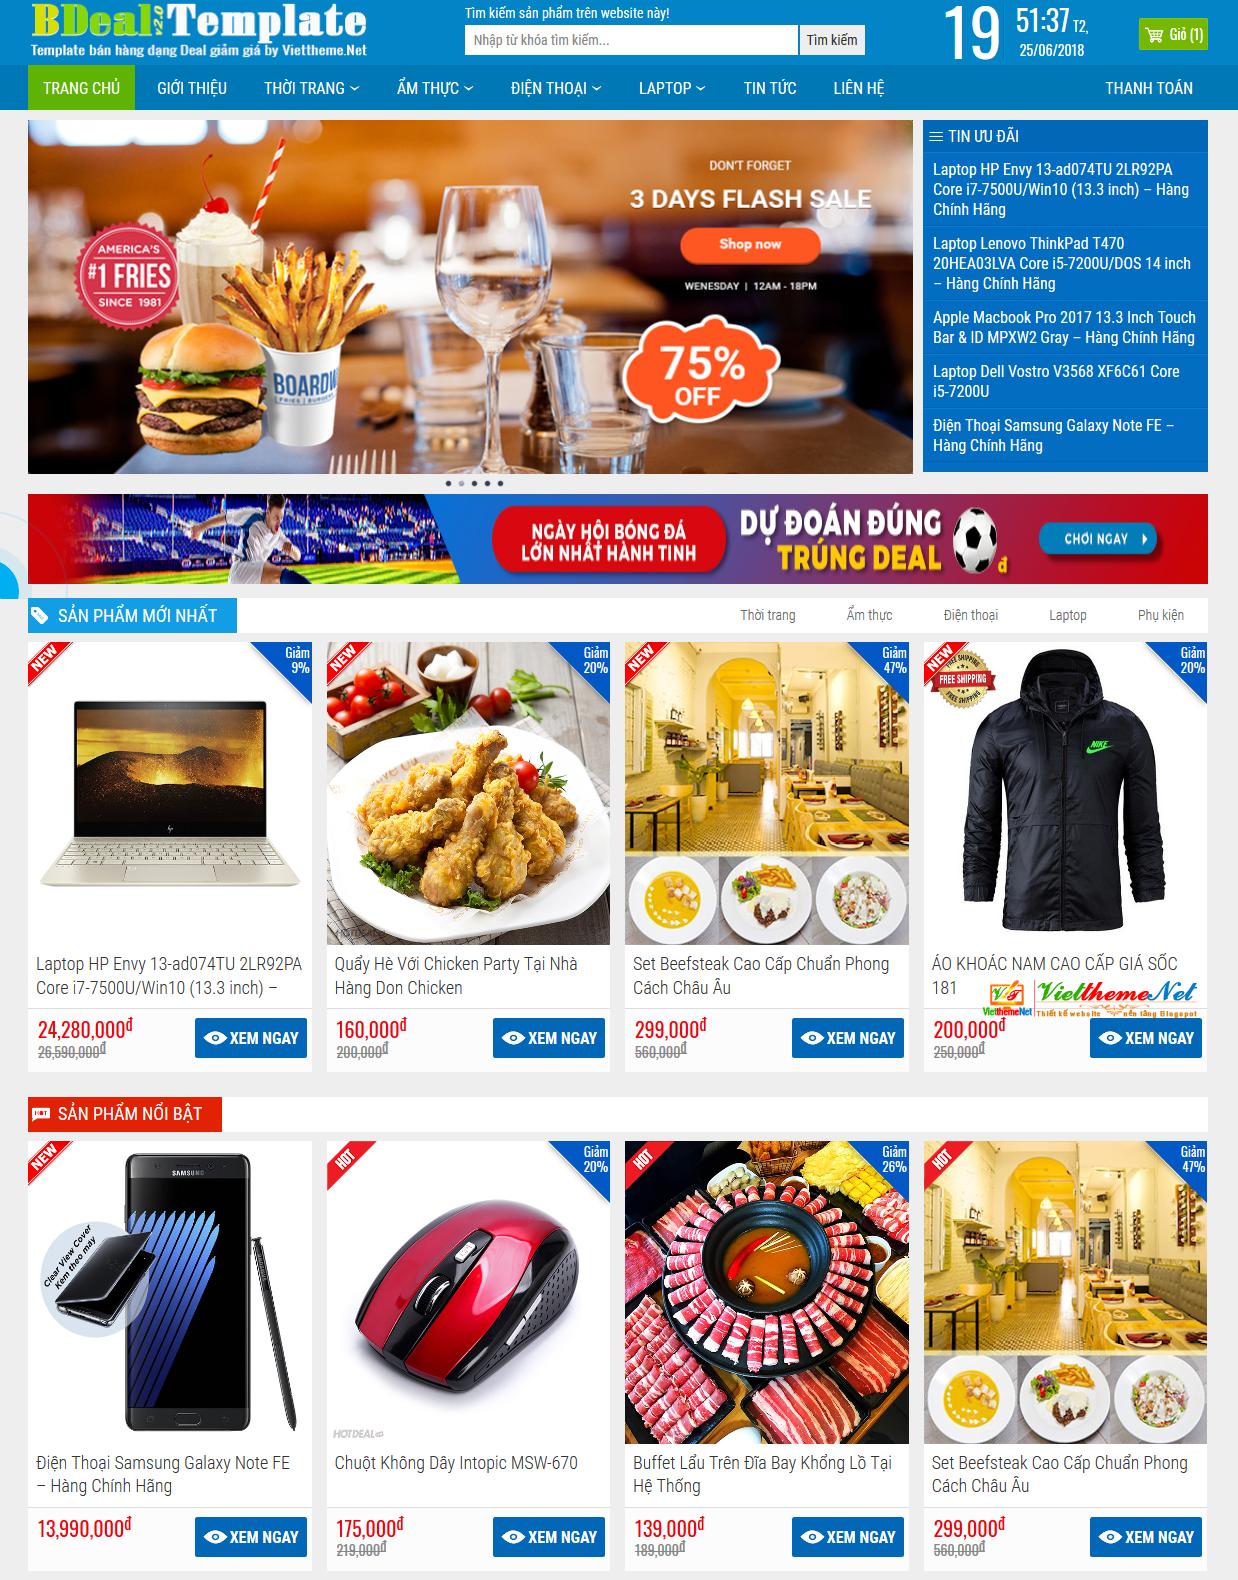 BDeal v2 - Blogspot Template bán hàng online dạng deal giảm giá chuyên nghiệp